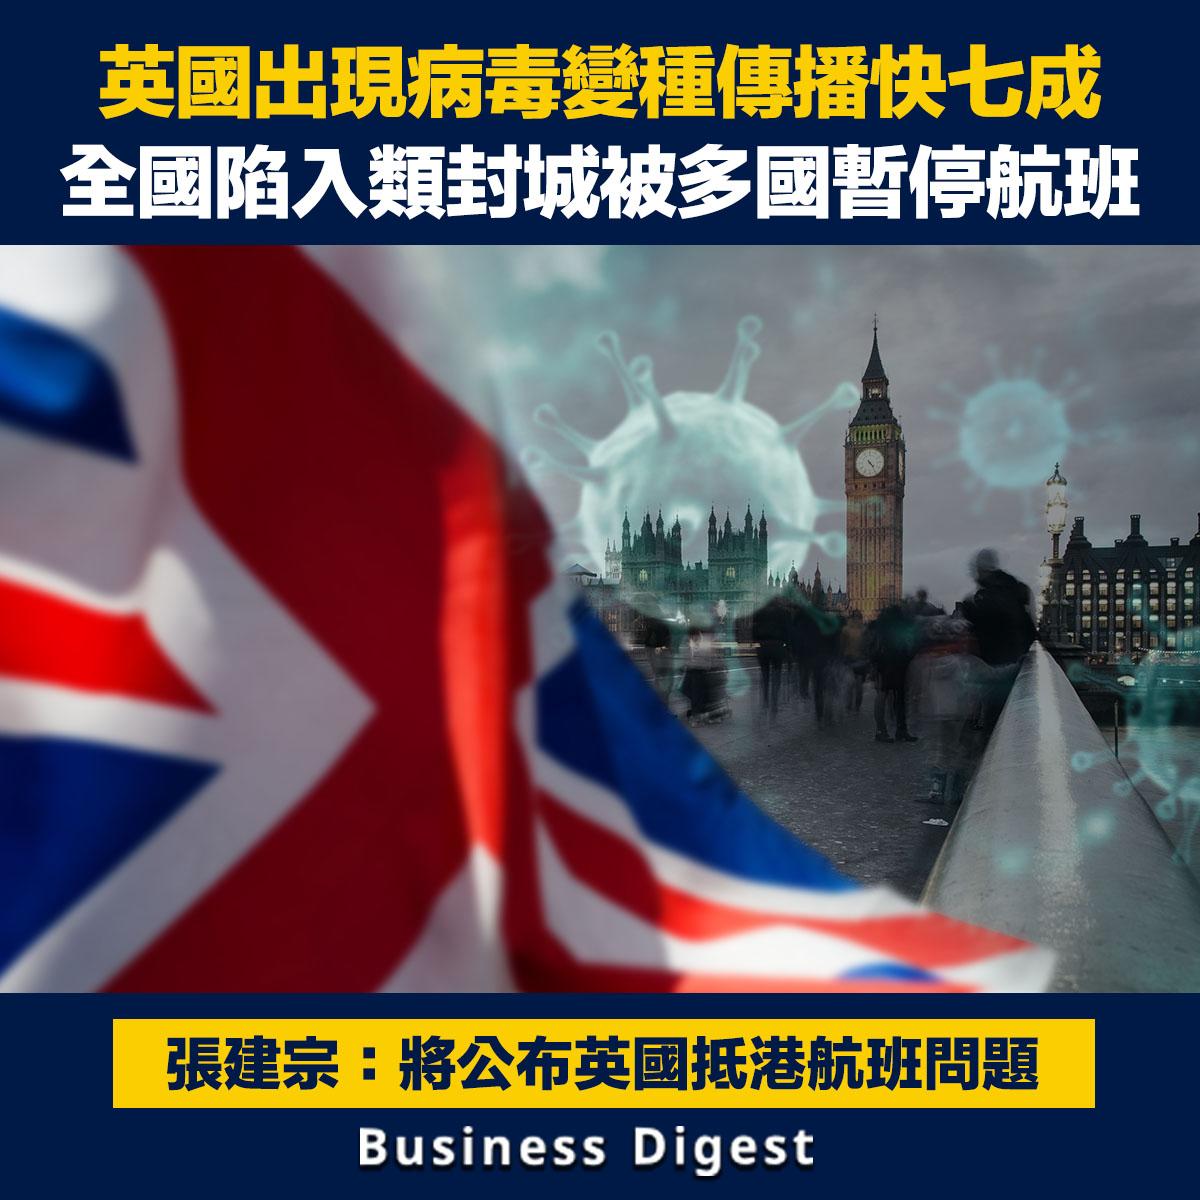 英國出現病毒變種傳播快七成,全國陷入類封城被多國暫停航班